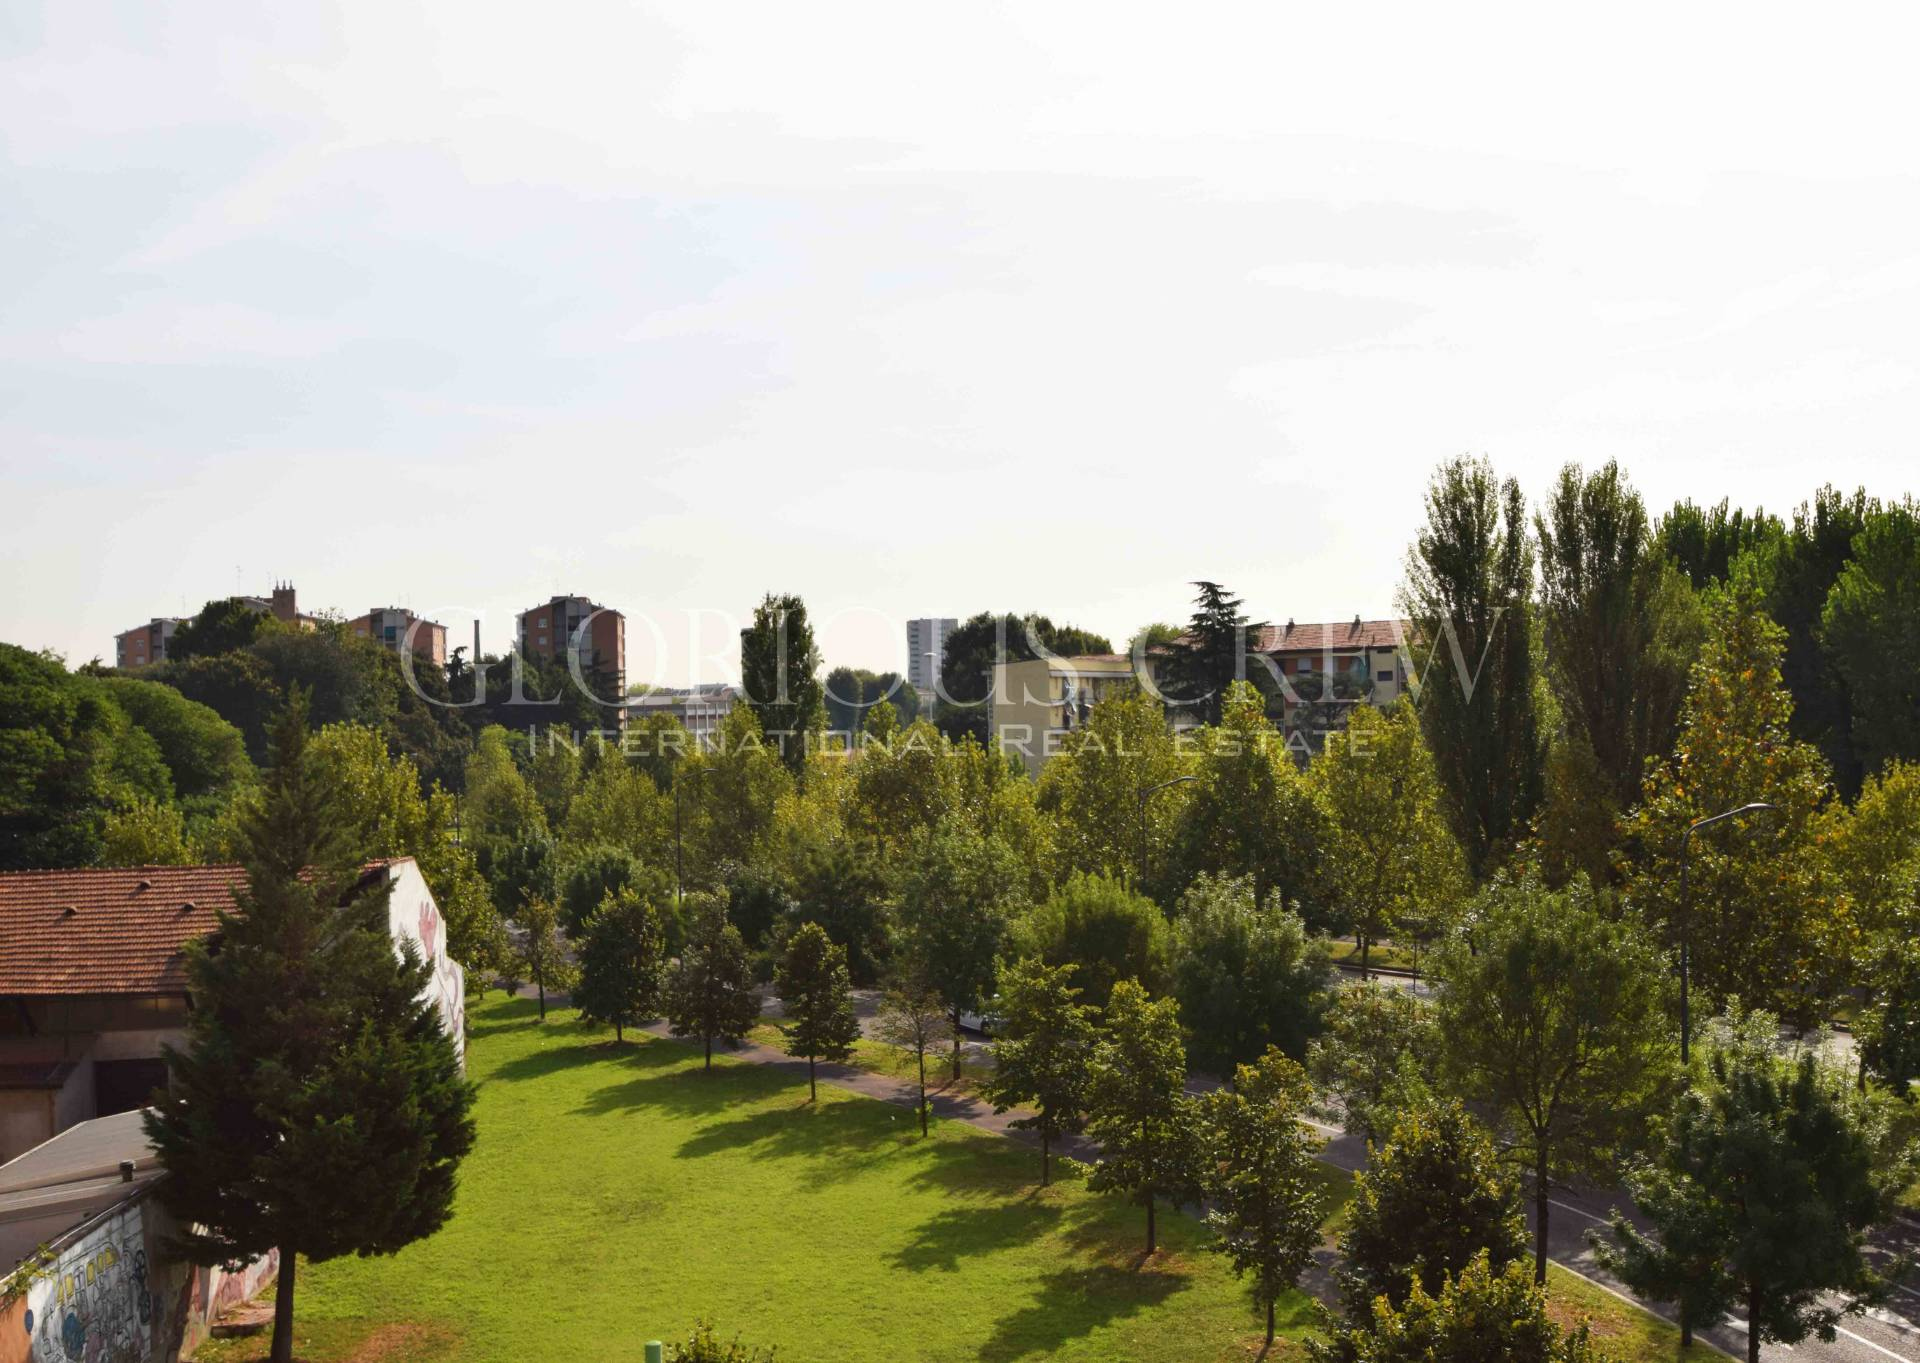 Appartamento in Vendita a Milano 30 Niguarda / Bovisasca / Testi / Bruzzano / Affori / Comasina: 2 locali, 50 mq